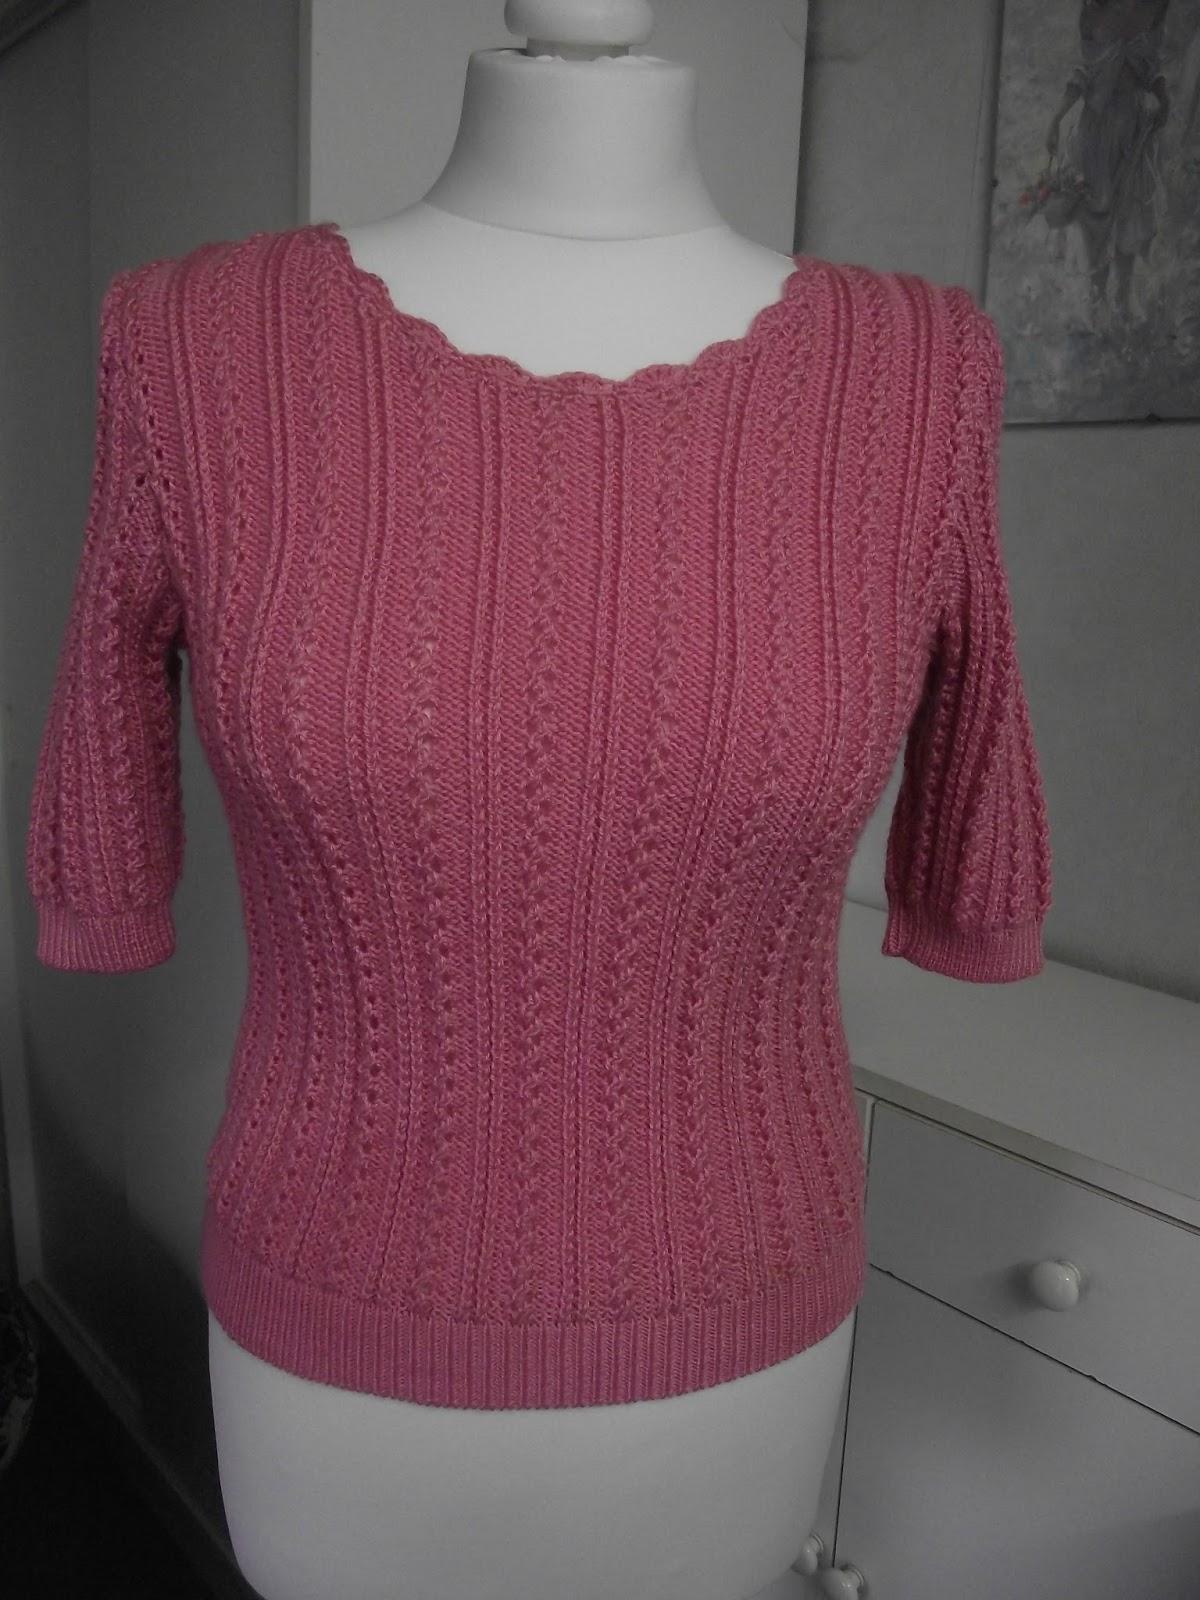 Crochet et tricot facile avec explications pull tricot point ajour rose - Point tricot ajoure facile ...